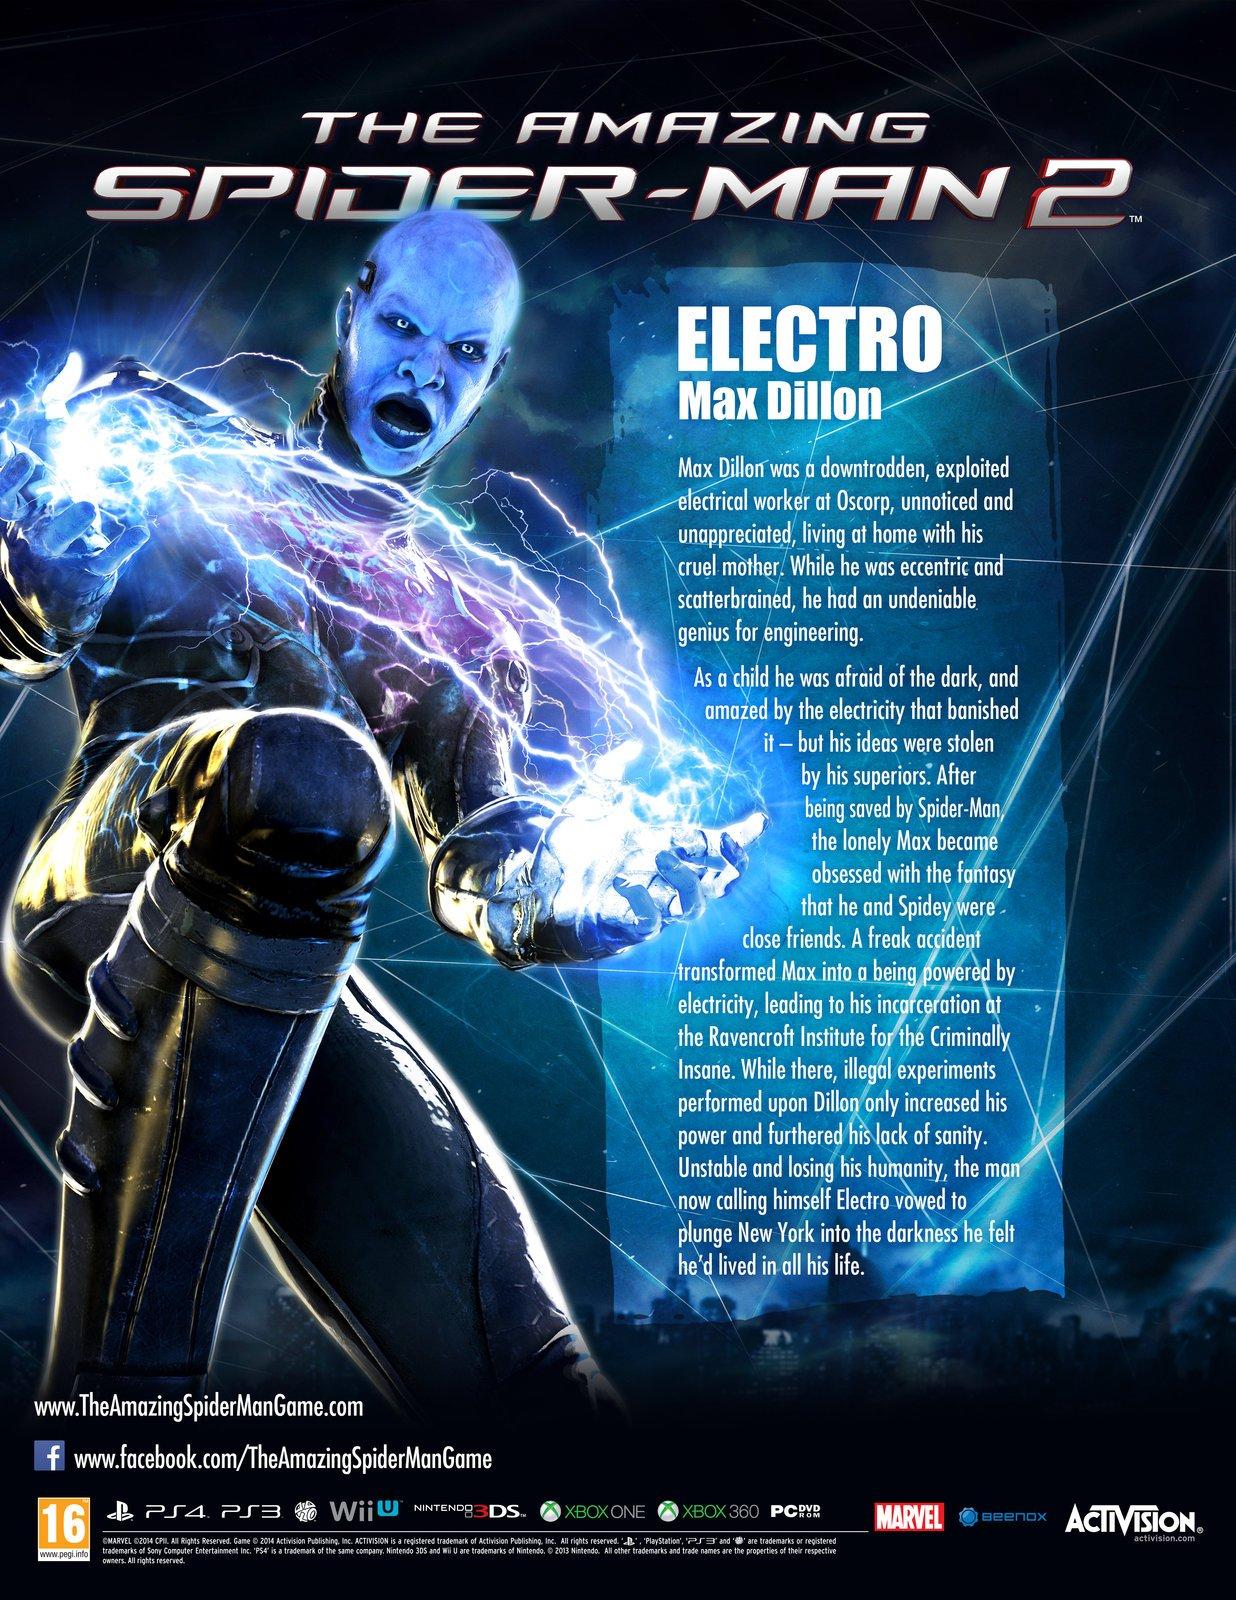 Spider man 2 video game villains war casino